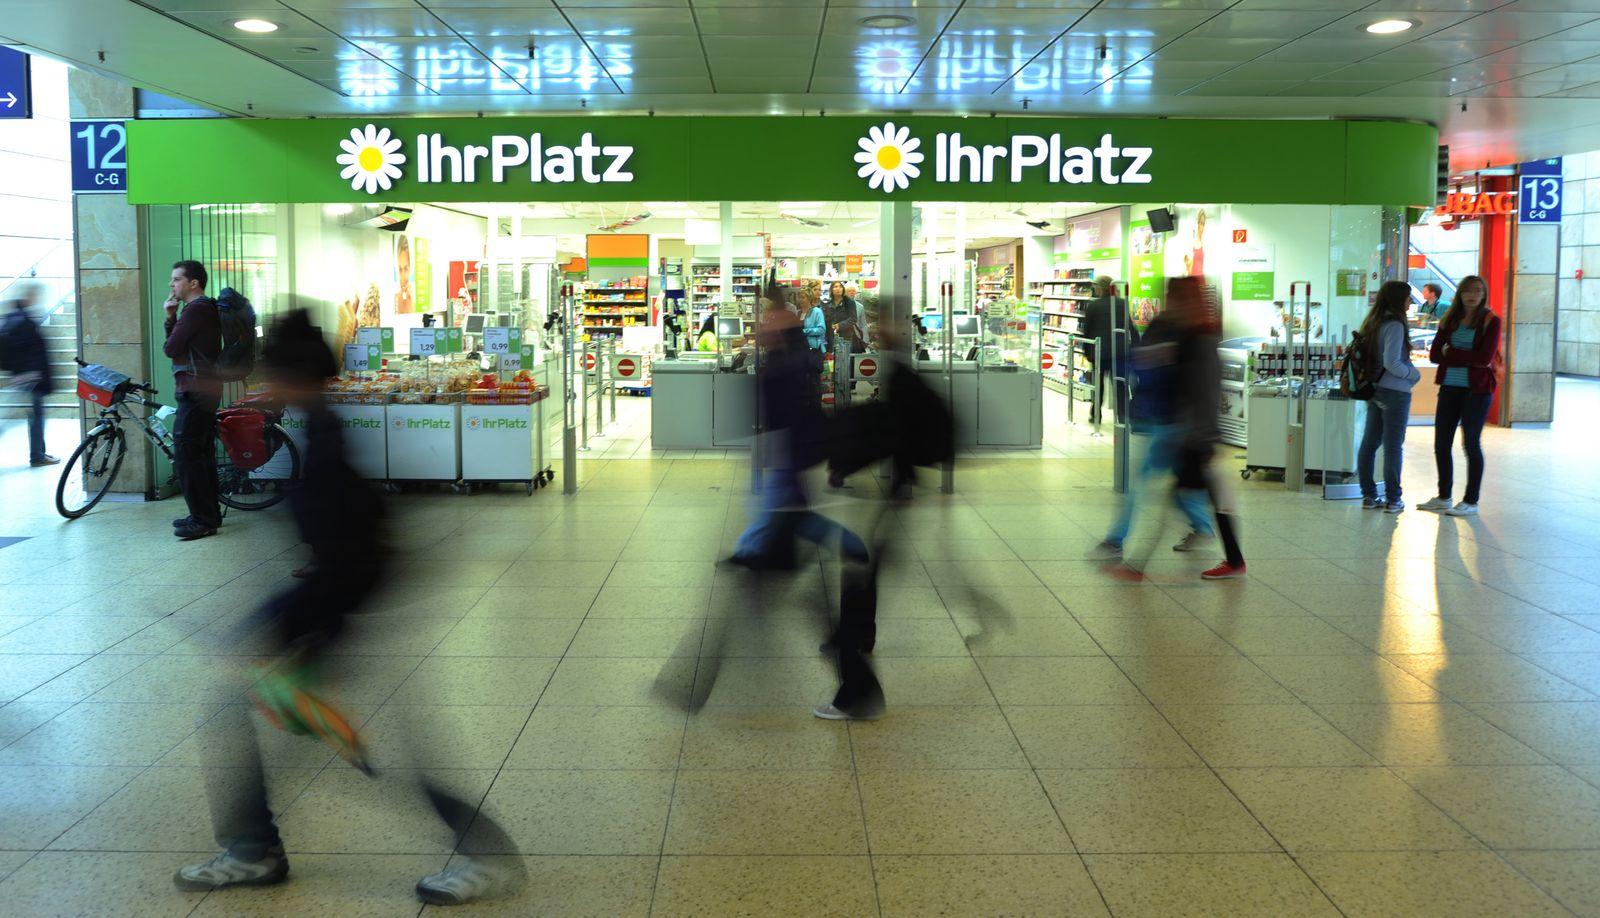 Rossmann will 120 IhrPlatz-Märkte übernehmen